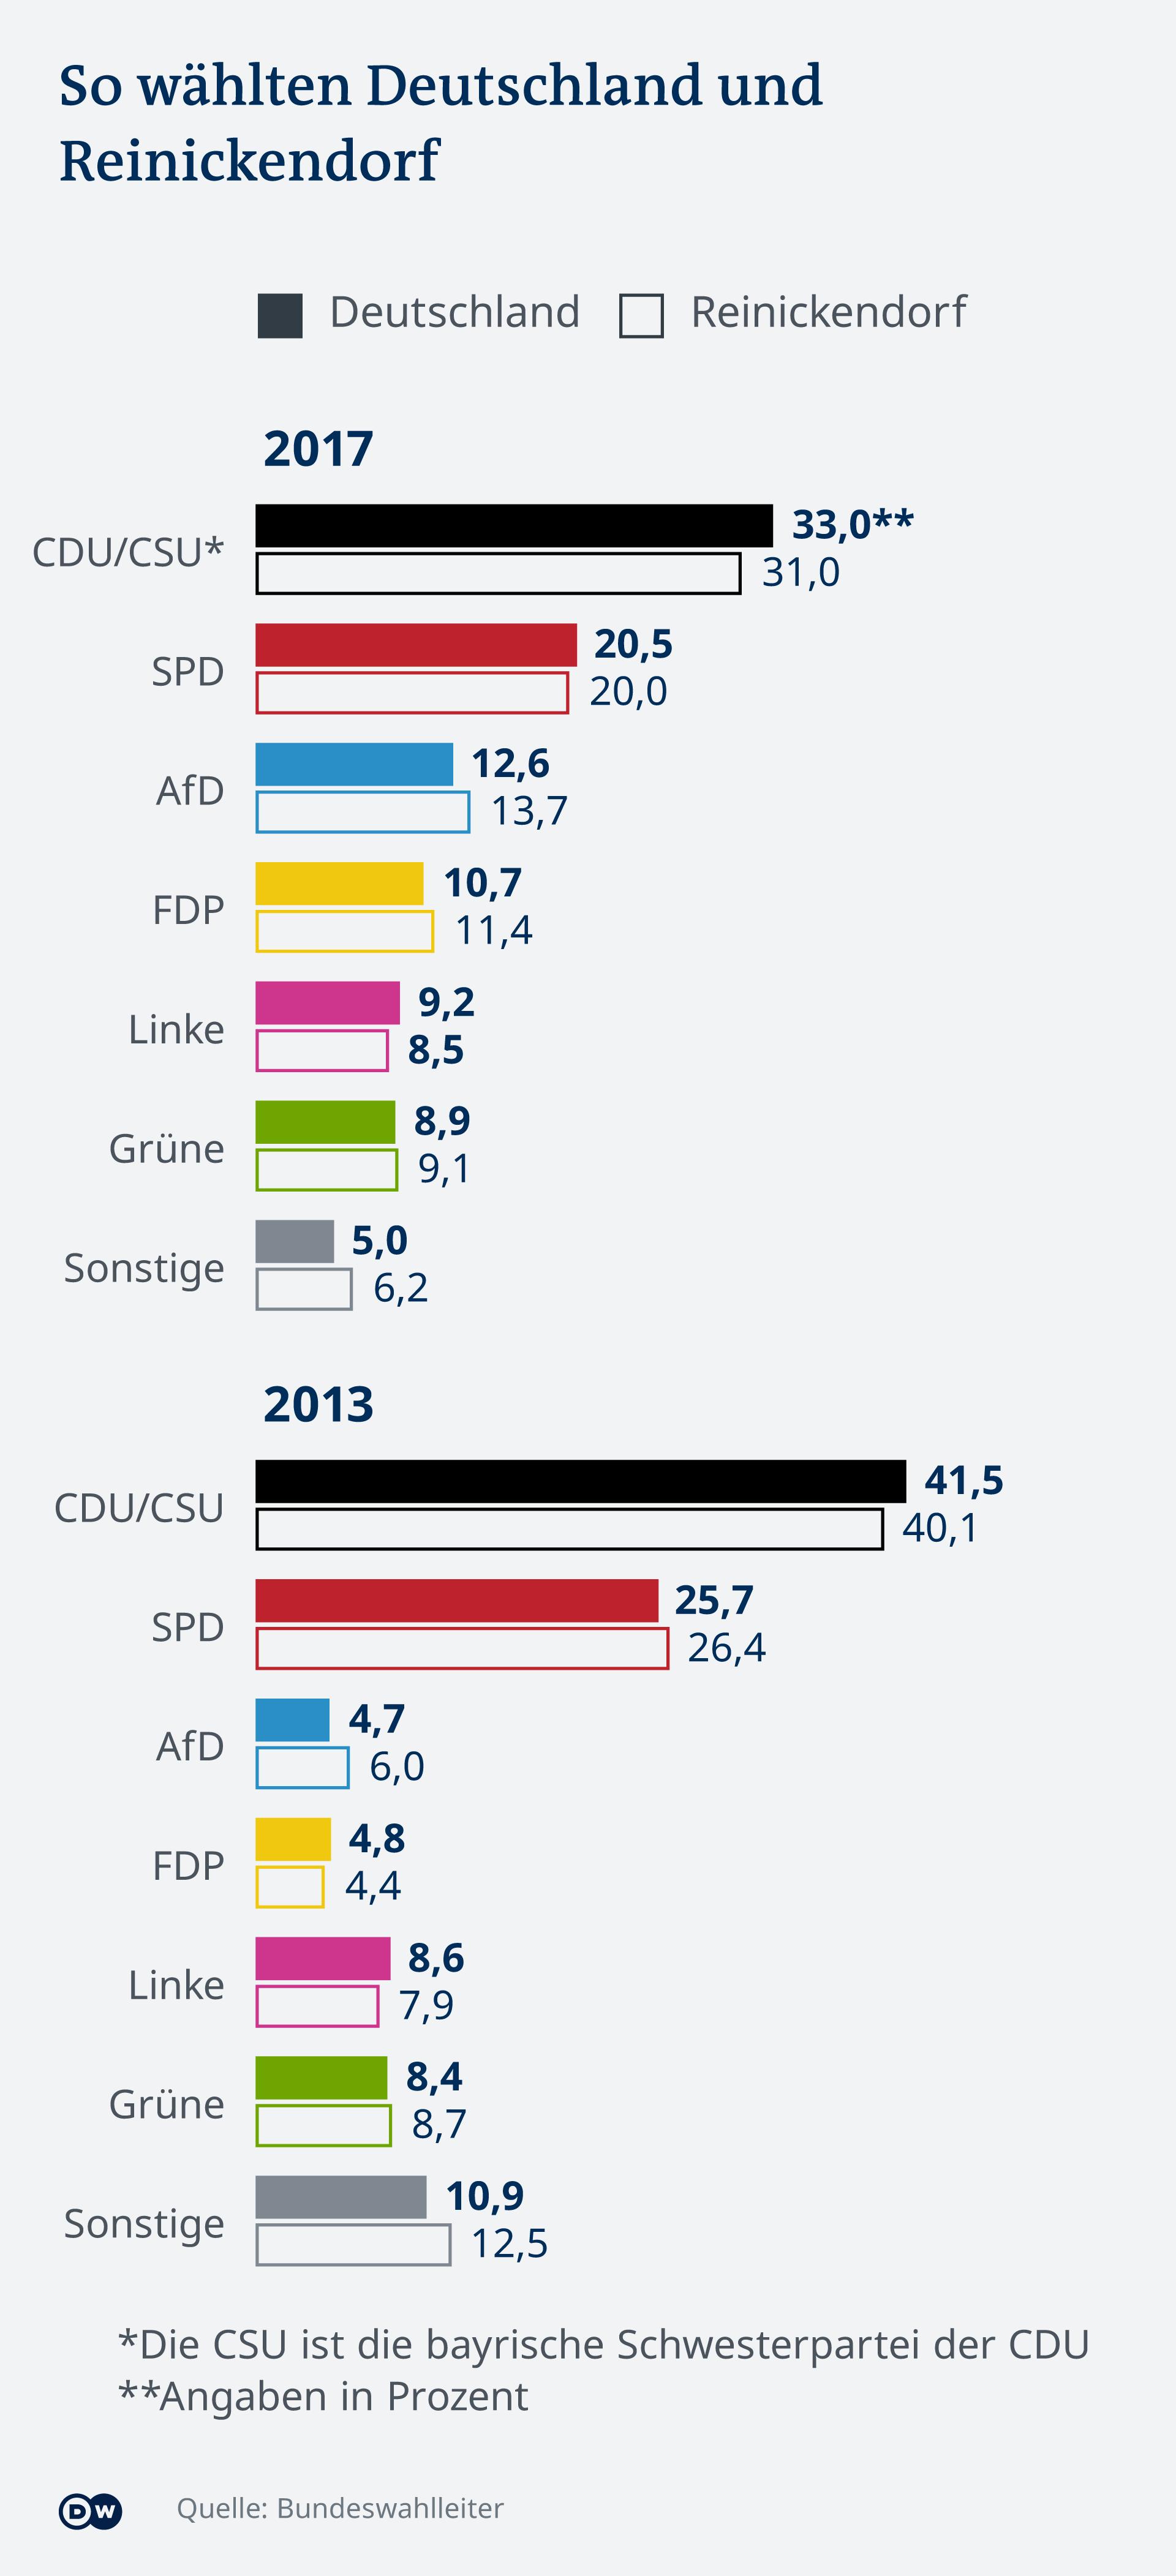 Rezultati saveznih izbora 2013. i 2017. za Reinickendorf i cijelu Njemačku